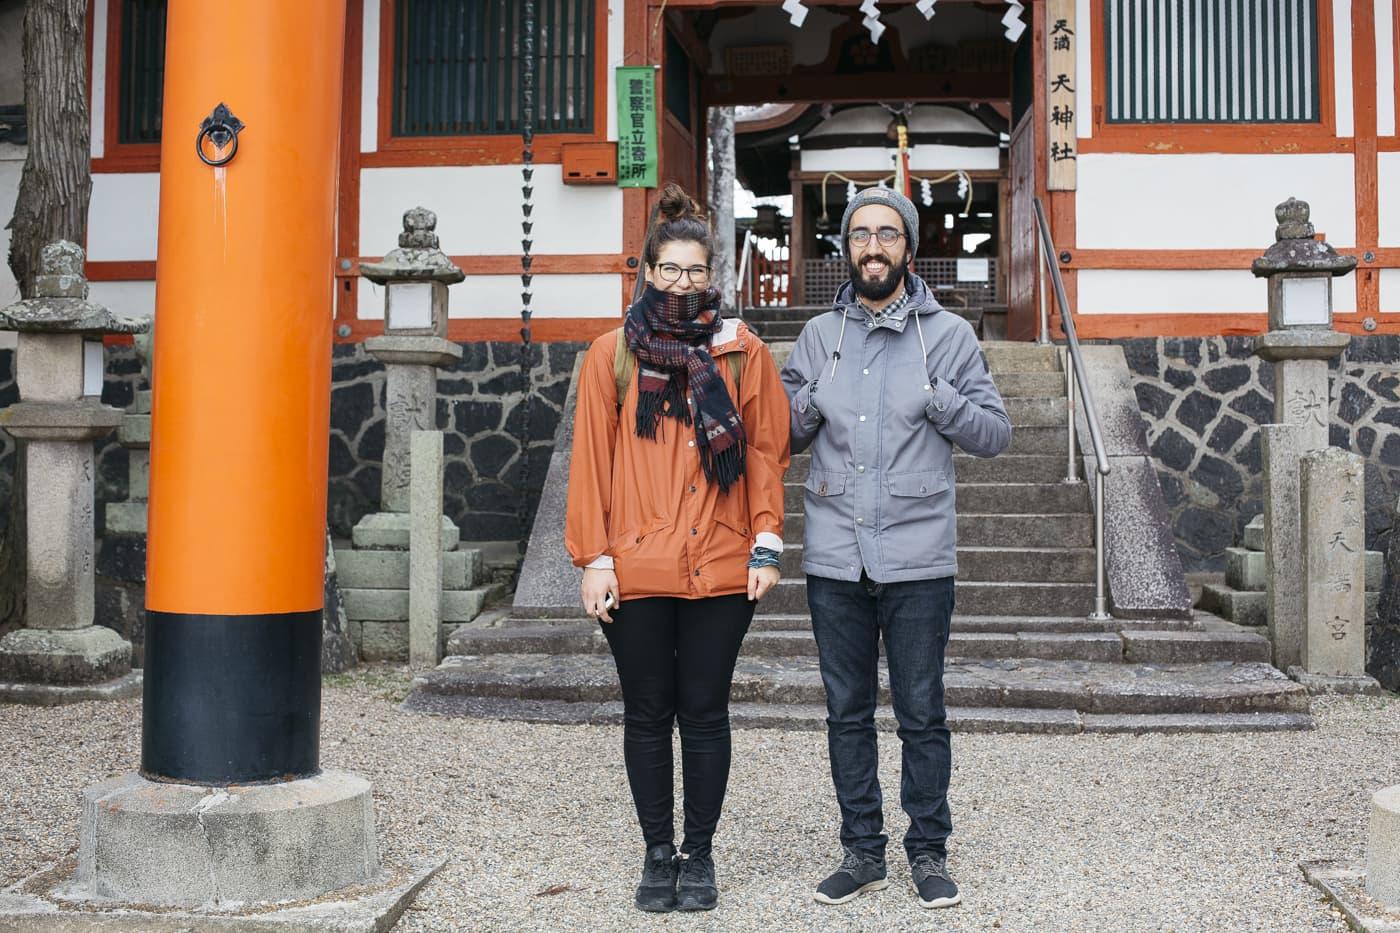 Kinlake-Japan-City-Lifestyle-9502